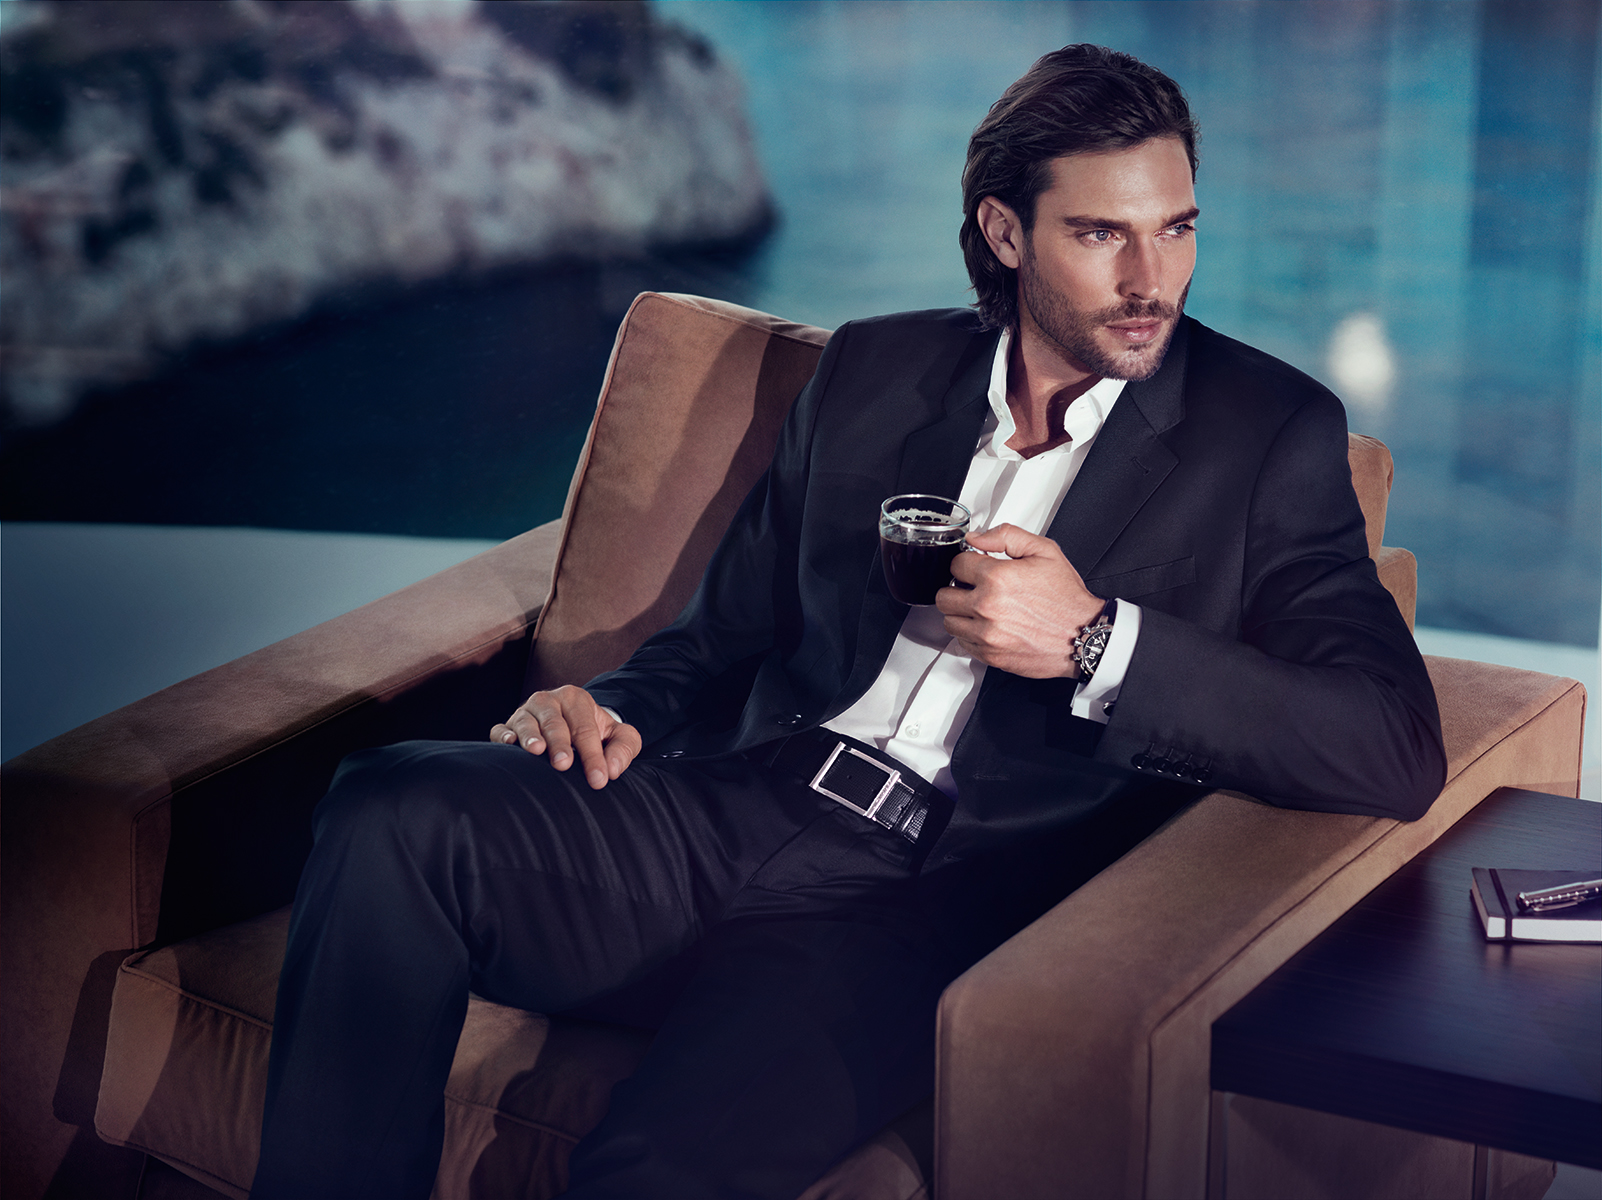 Client: Davidoff | Photographer: Stefano Galuzzi